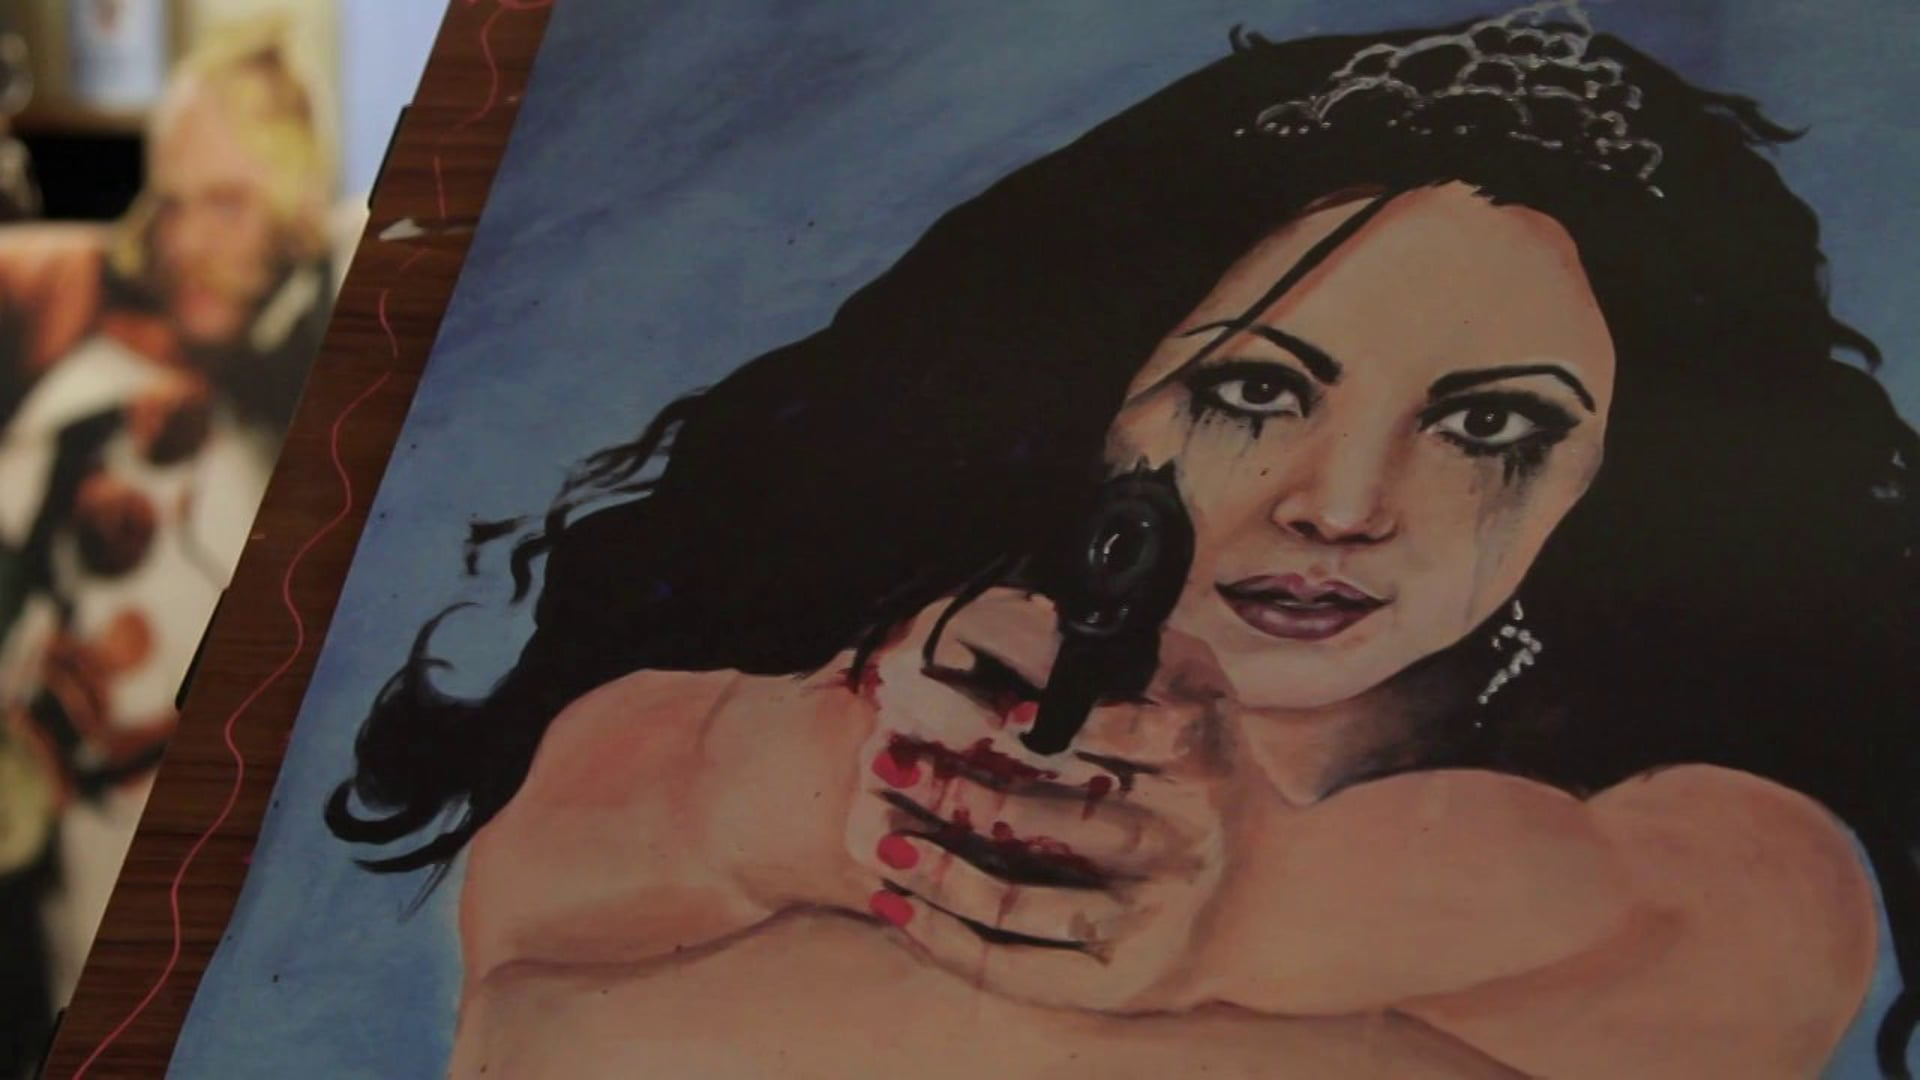 Heart of a Passion: Diedra Lizcano Art